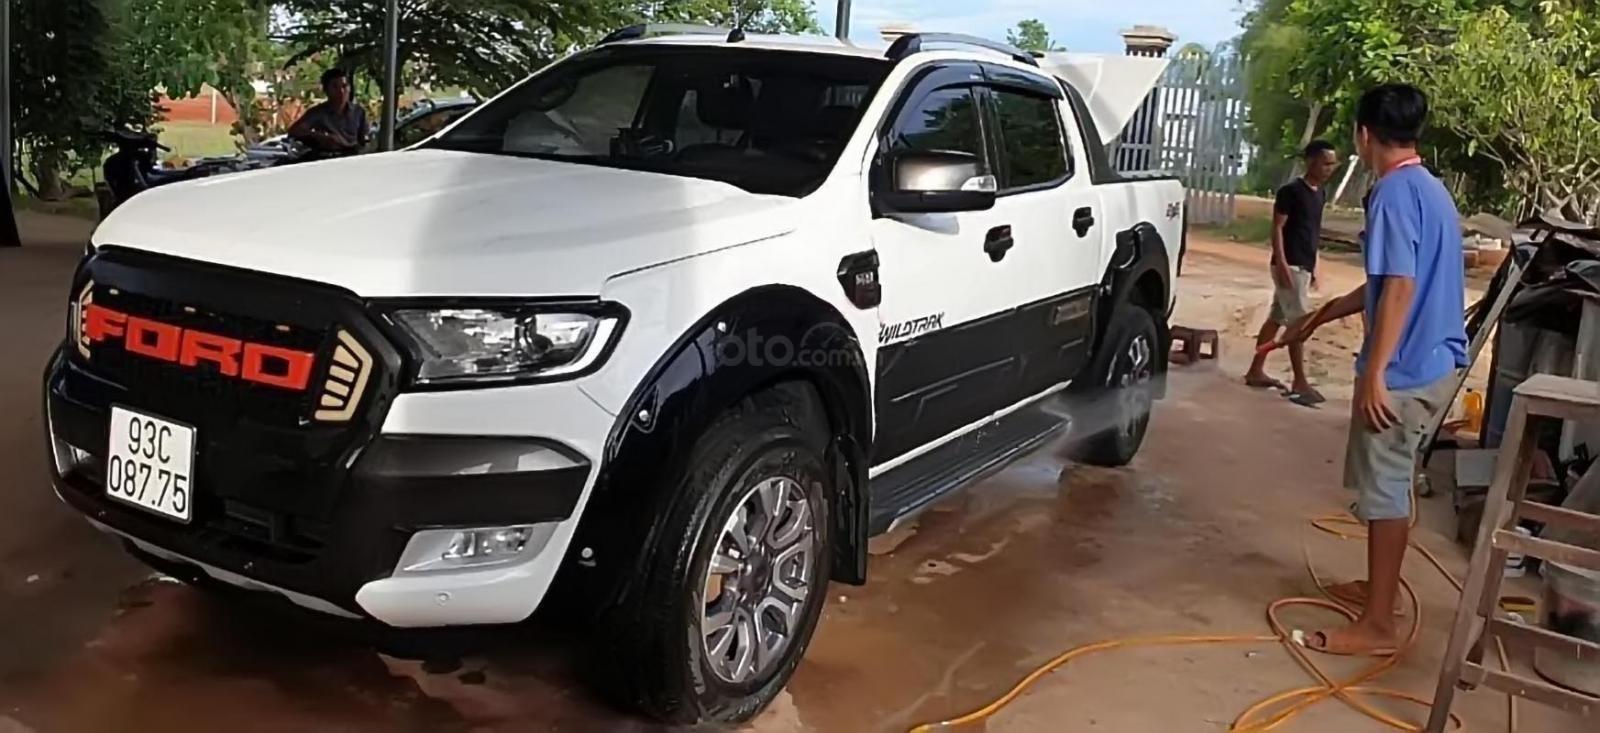 Bán Ford Ranger Wildtrak 3.2L 4x4 AT sản xuất năm 2017, màu trắng, xe nhập, 830 triệu-1